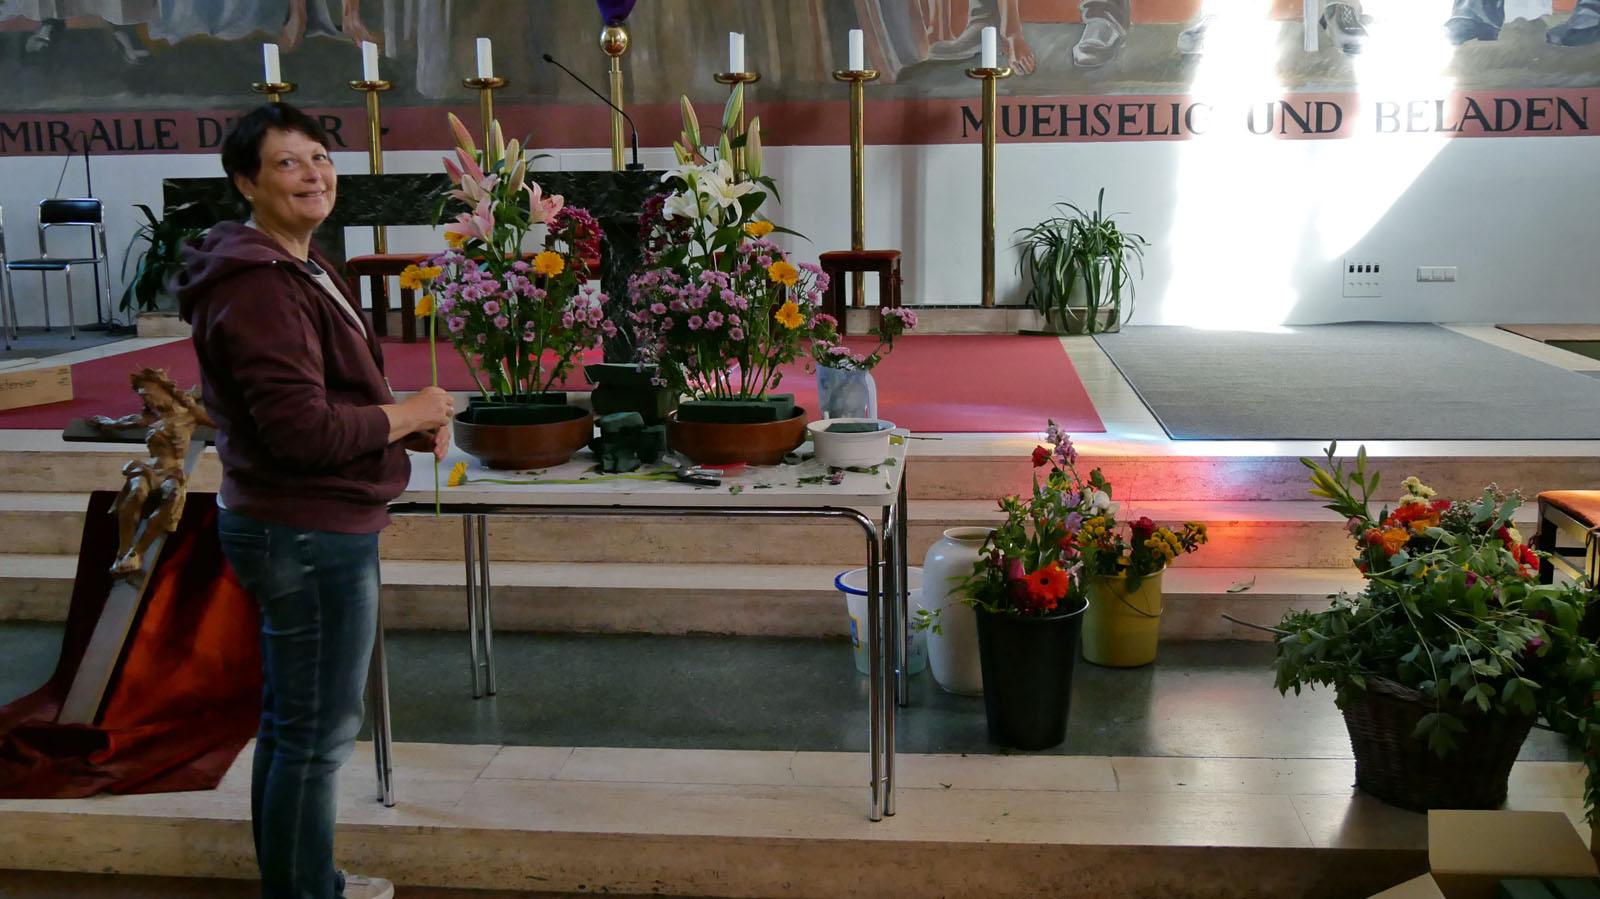 Karsamstag. In der Kirche Blumenschmuck für den Altar herrichten.